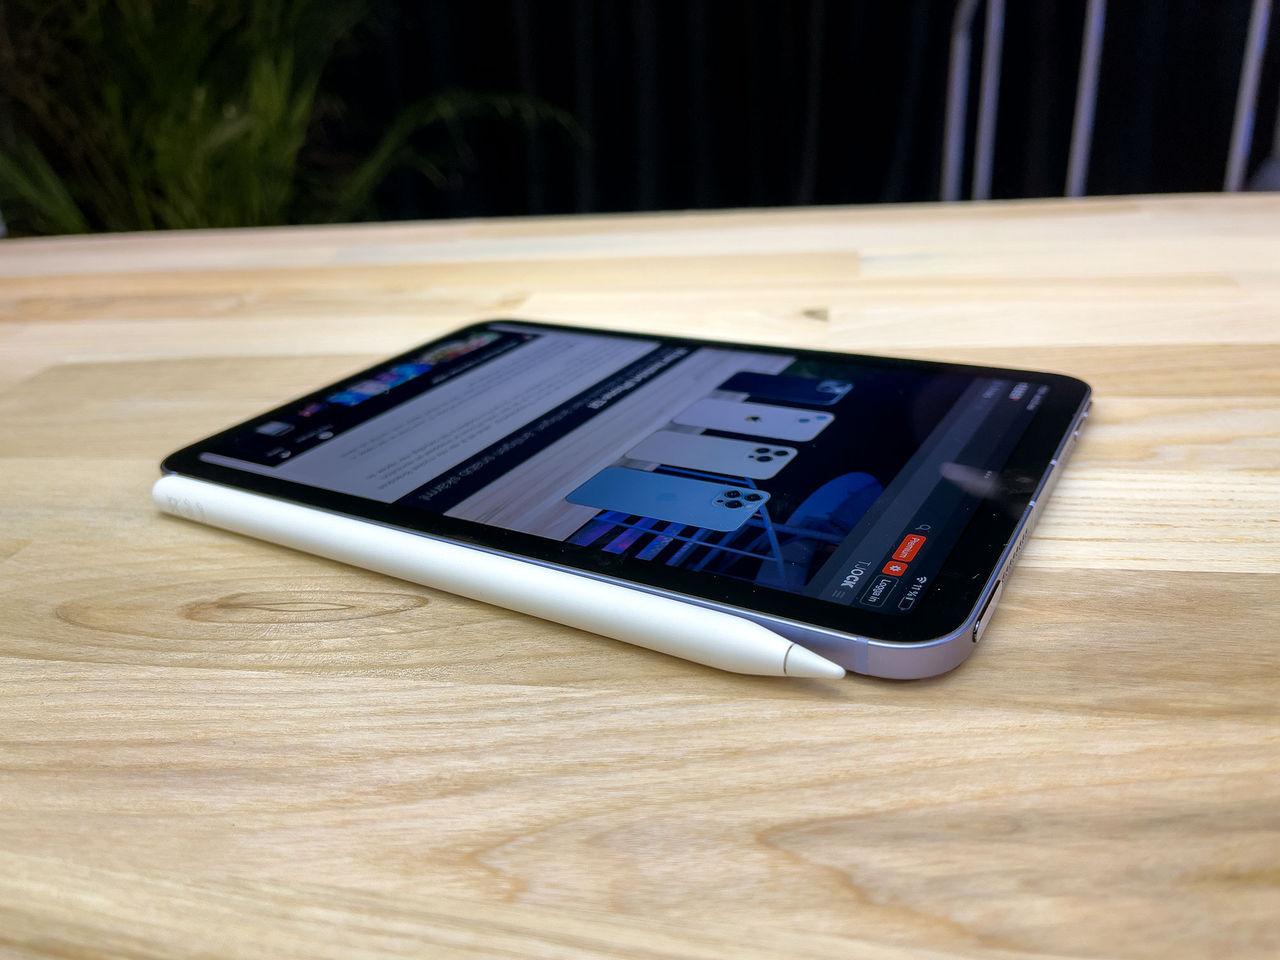 Vissa iPad minis sägs lida av gele-scrollning